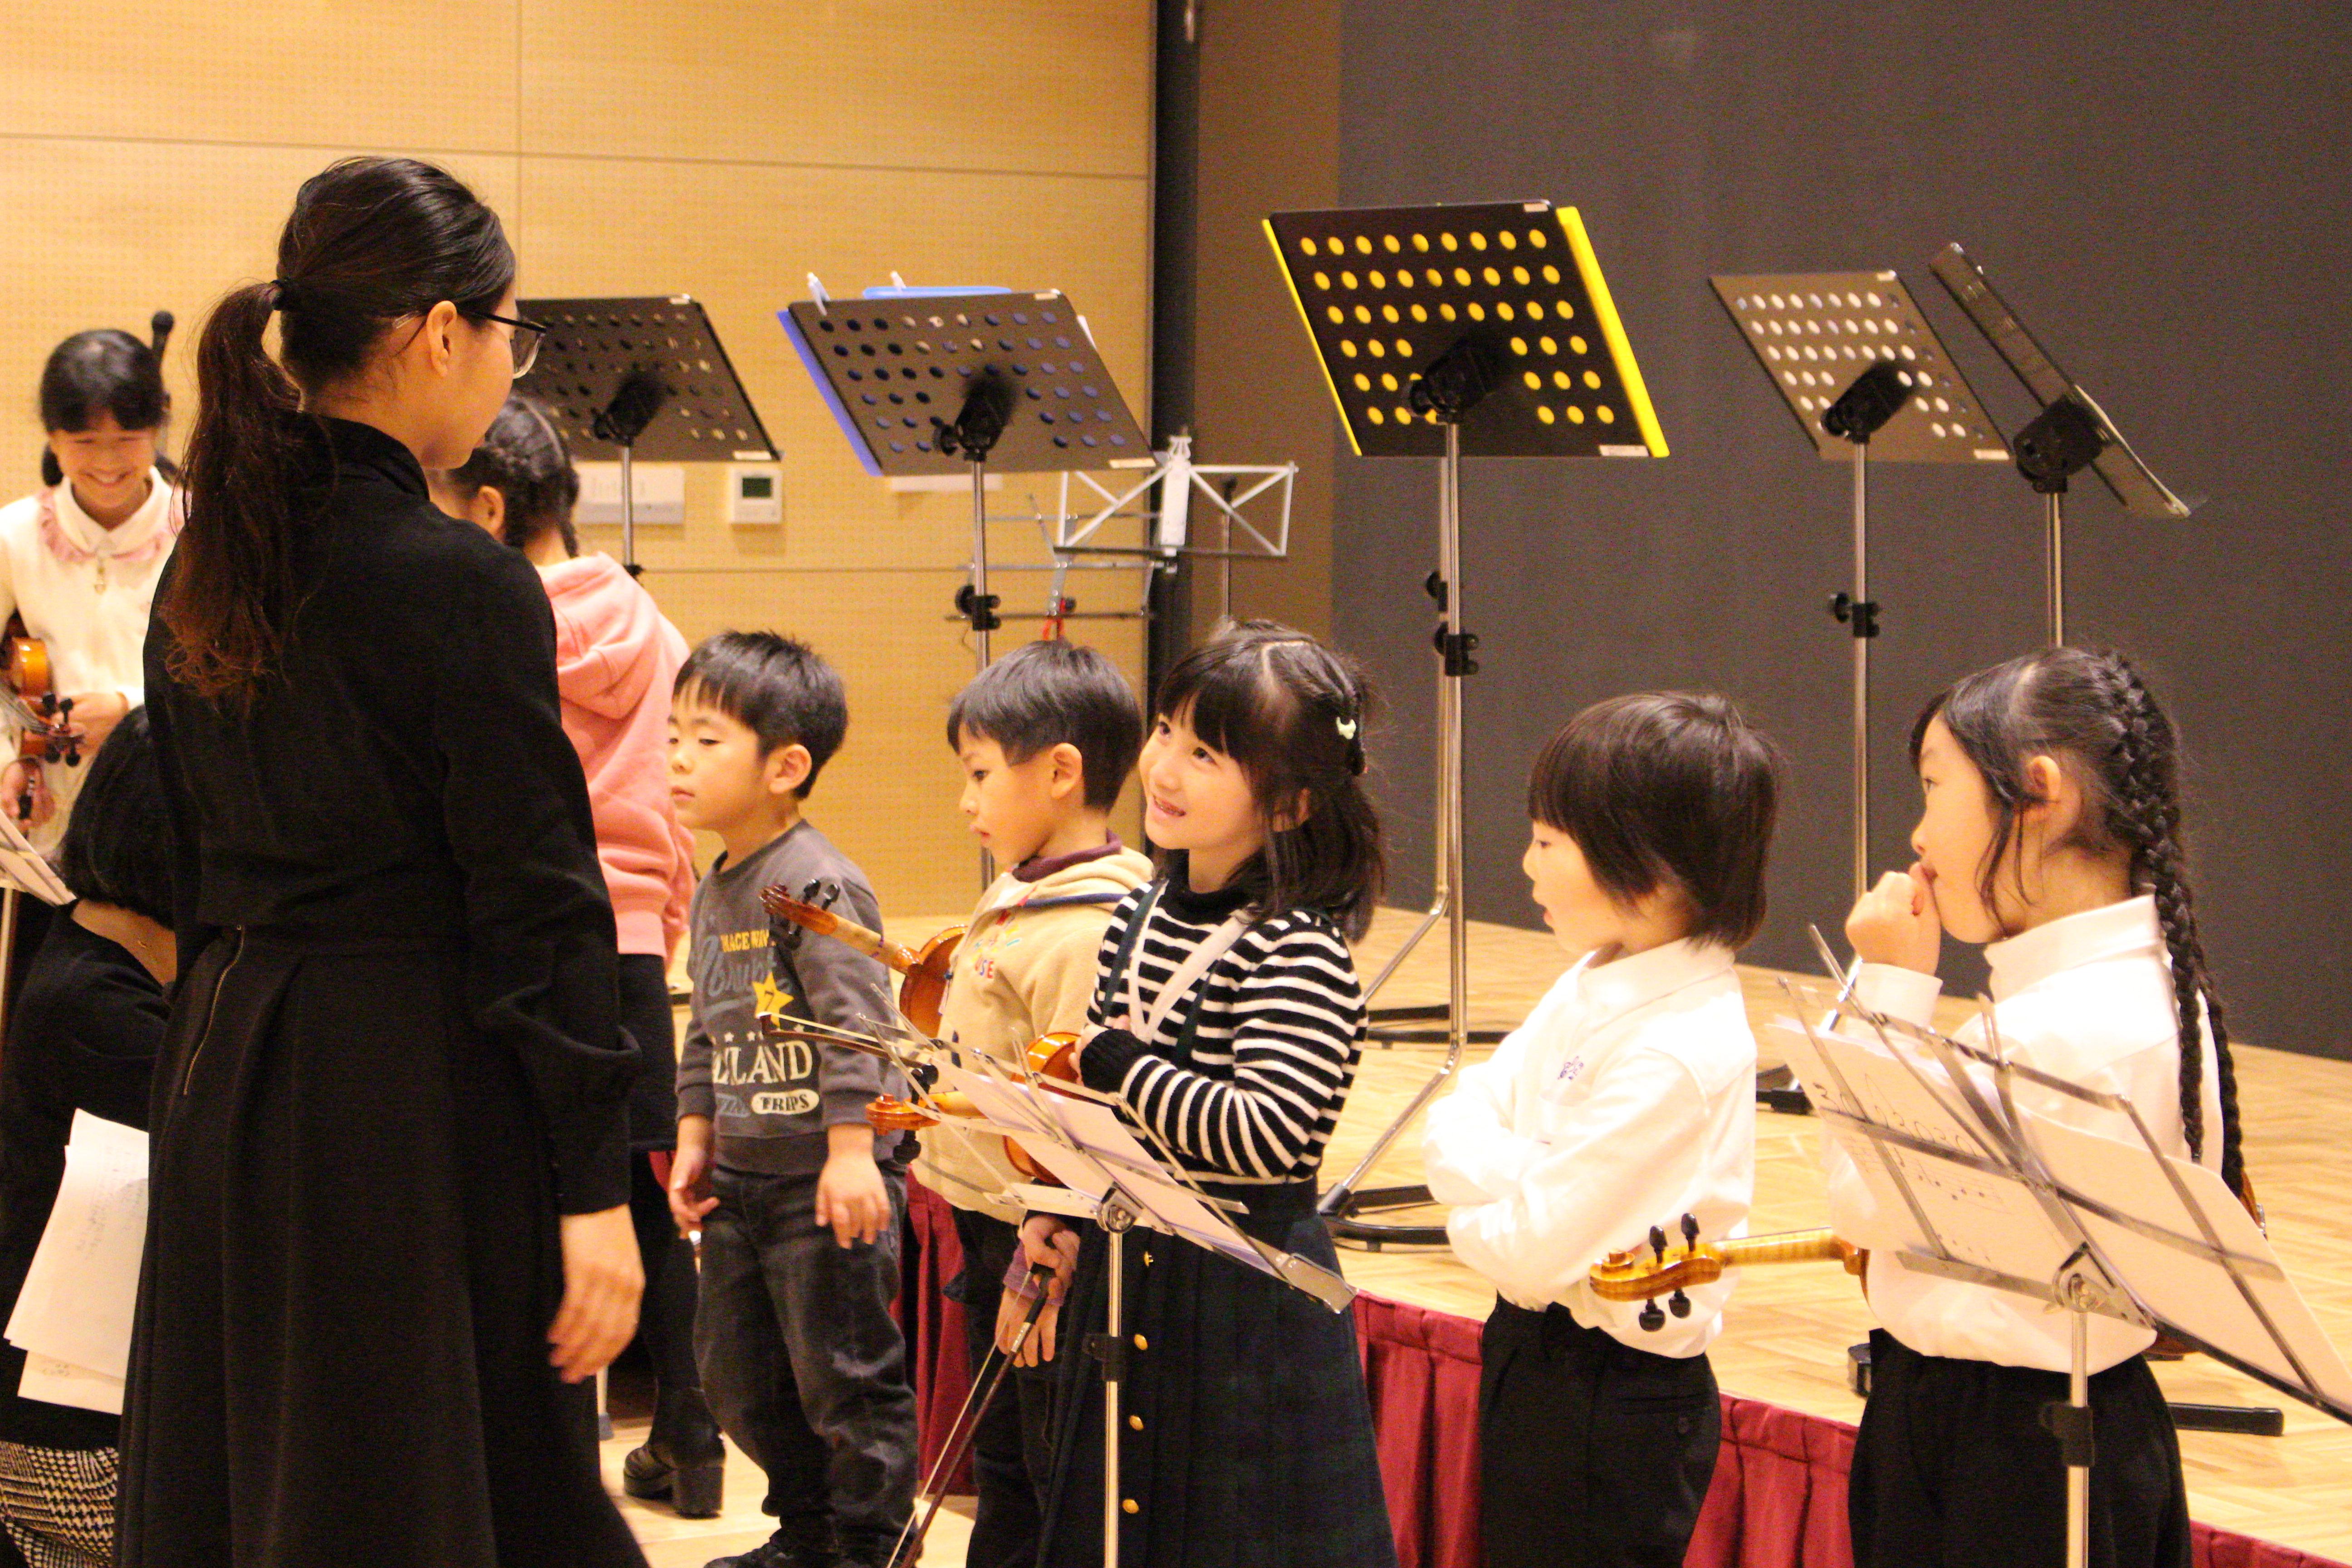 小さい子どもたち、楽器をはじめて間もない子どもたちのリハーサル